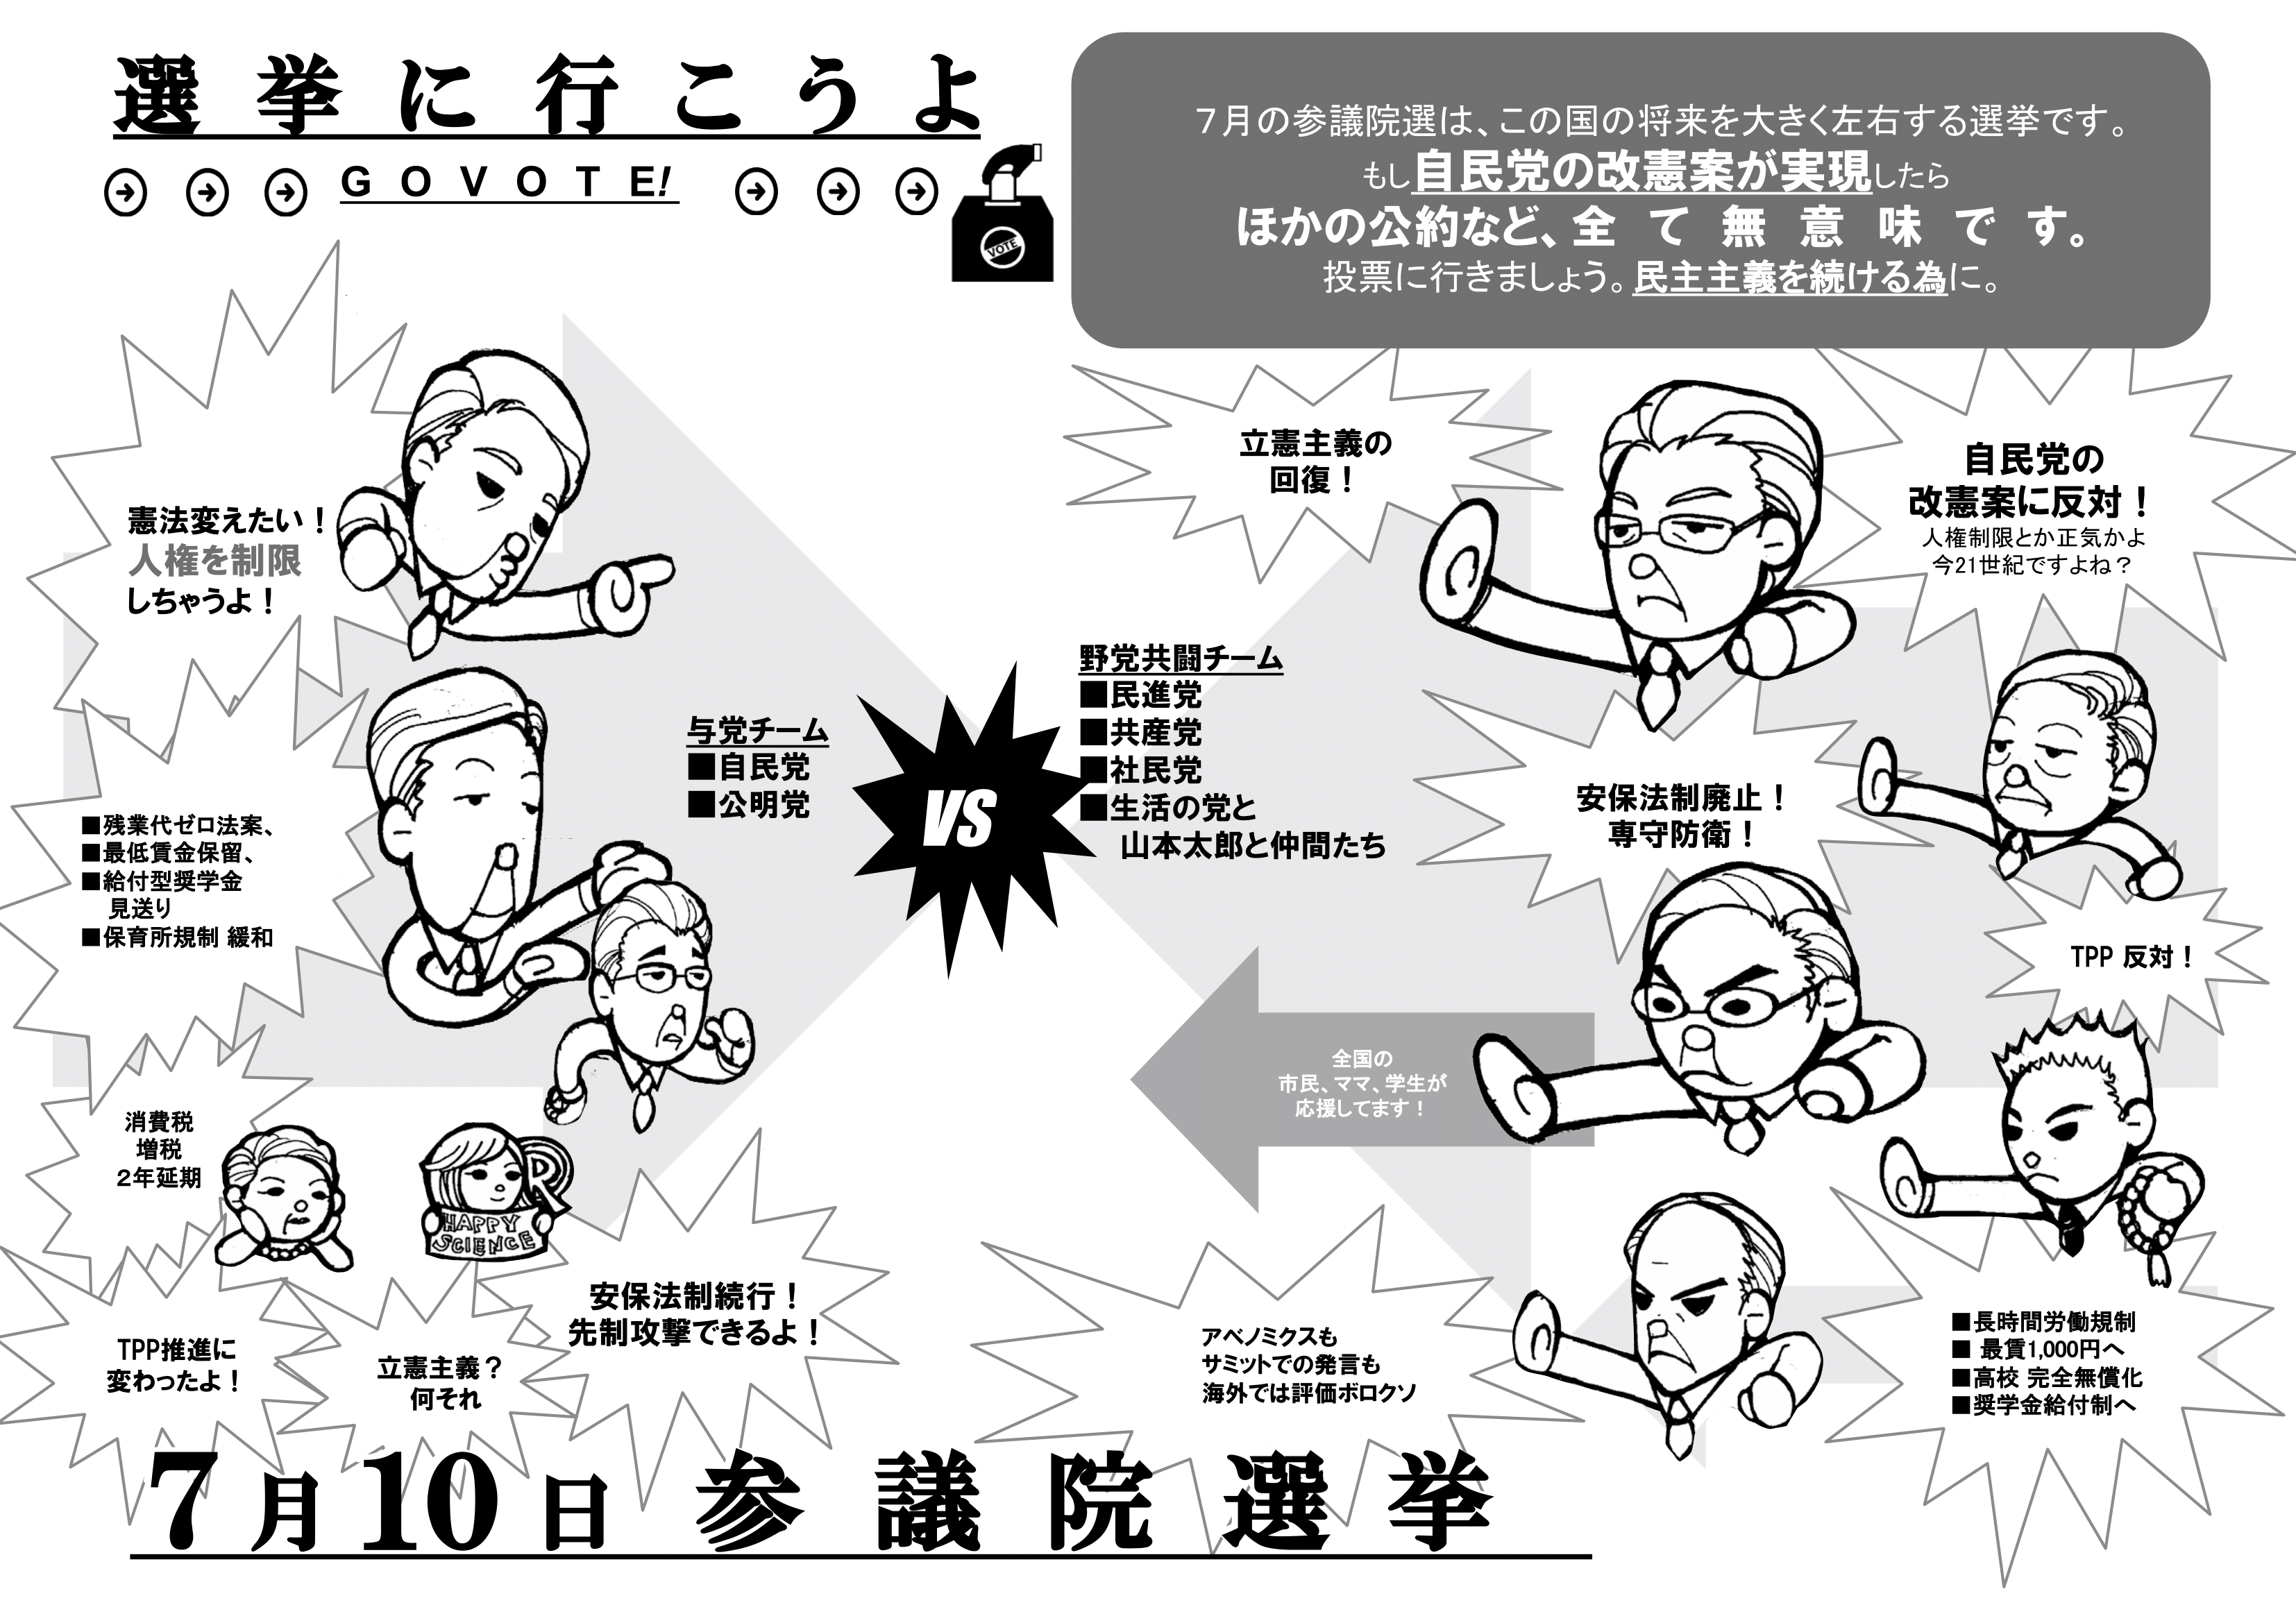 1606きよせ市民の会HP-1